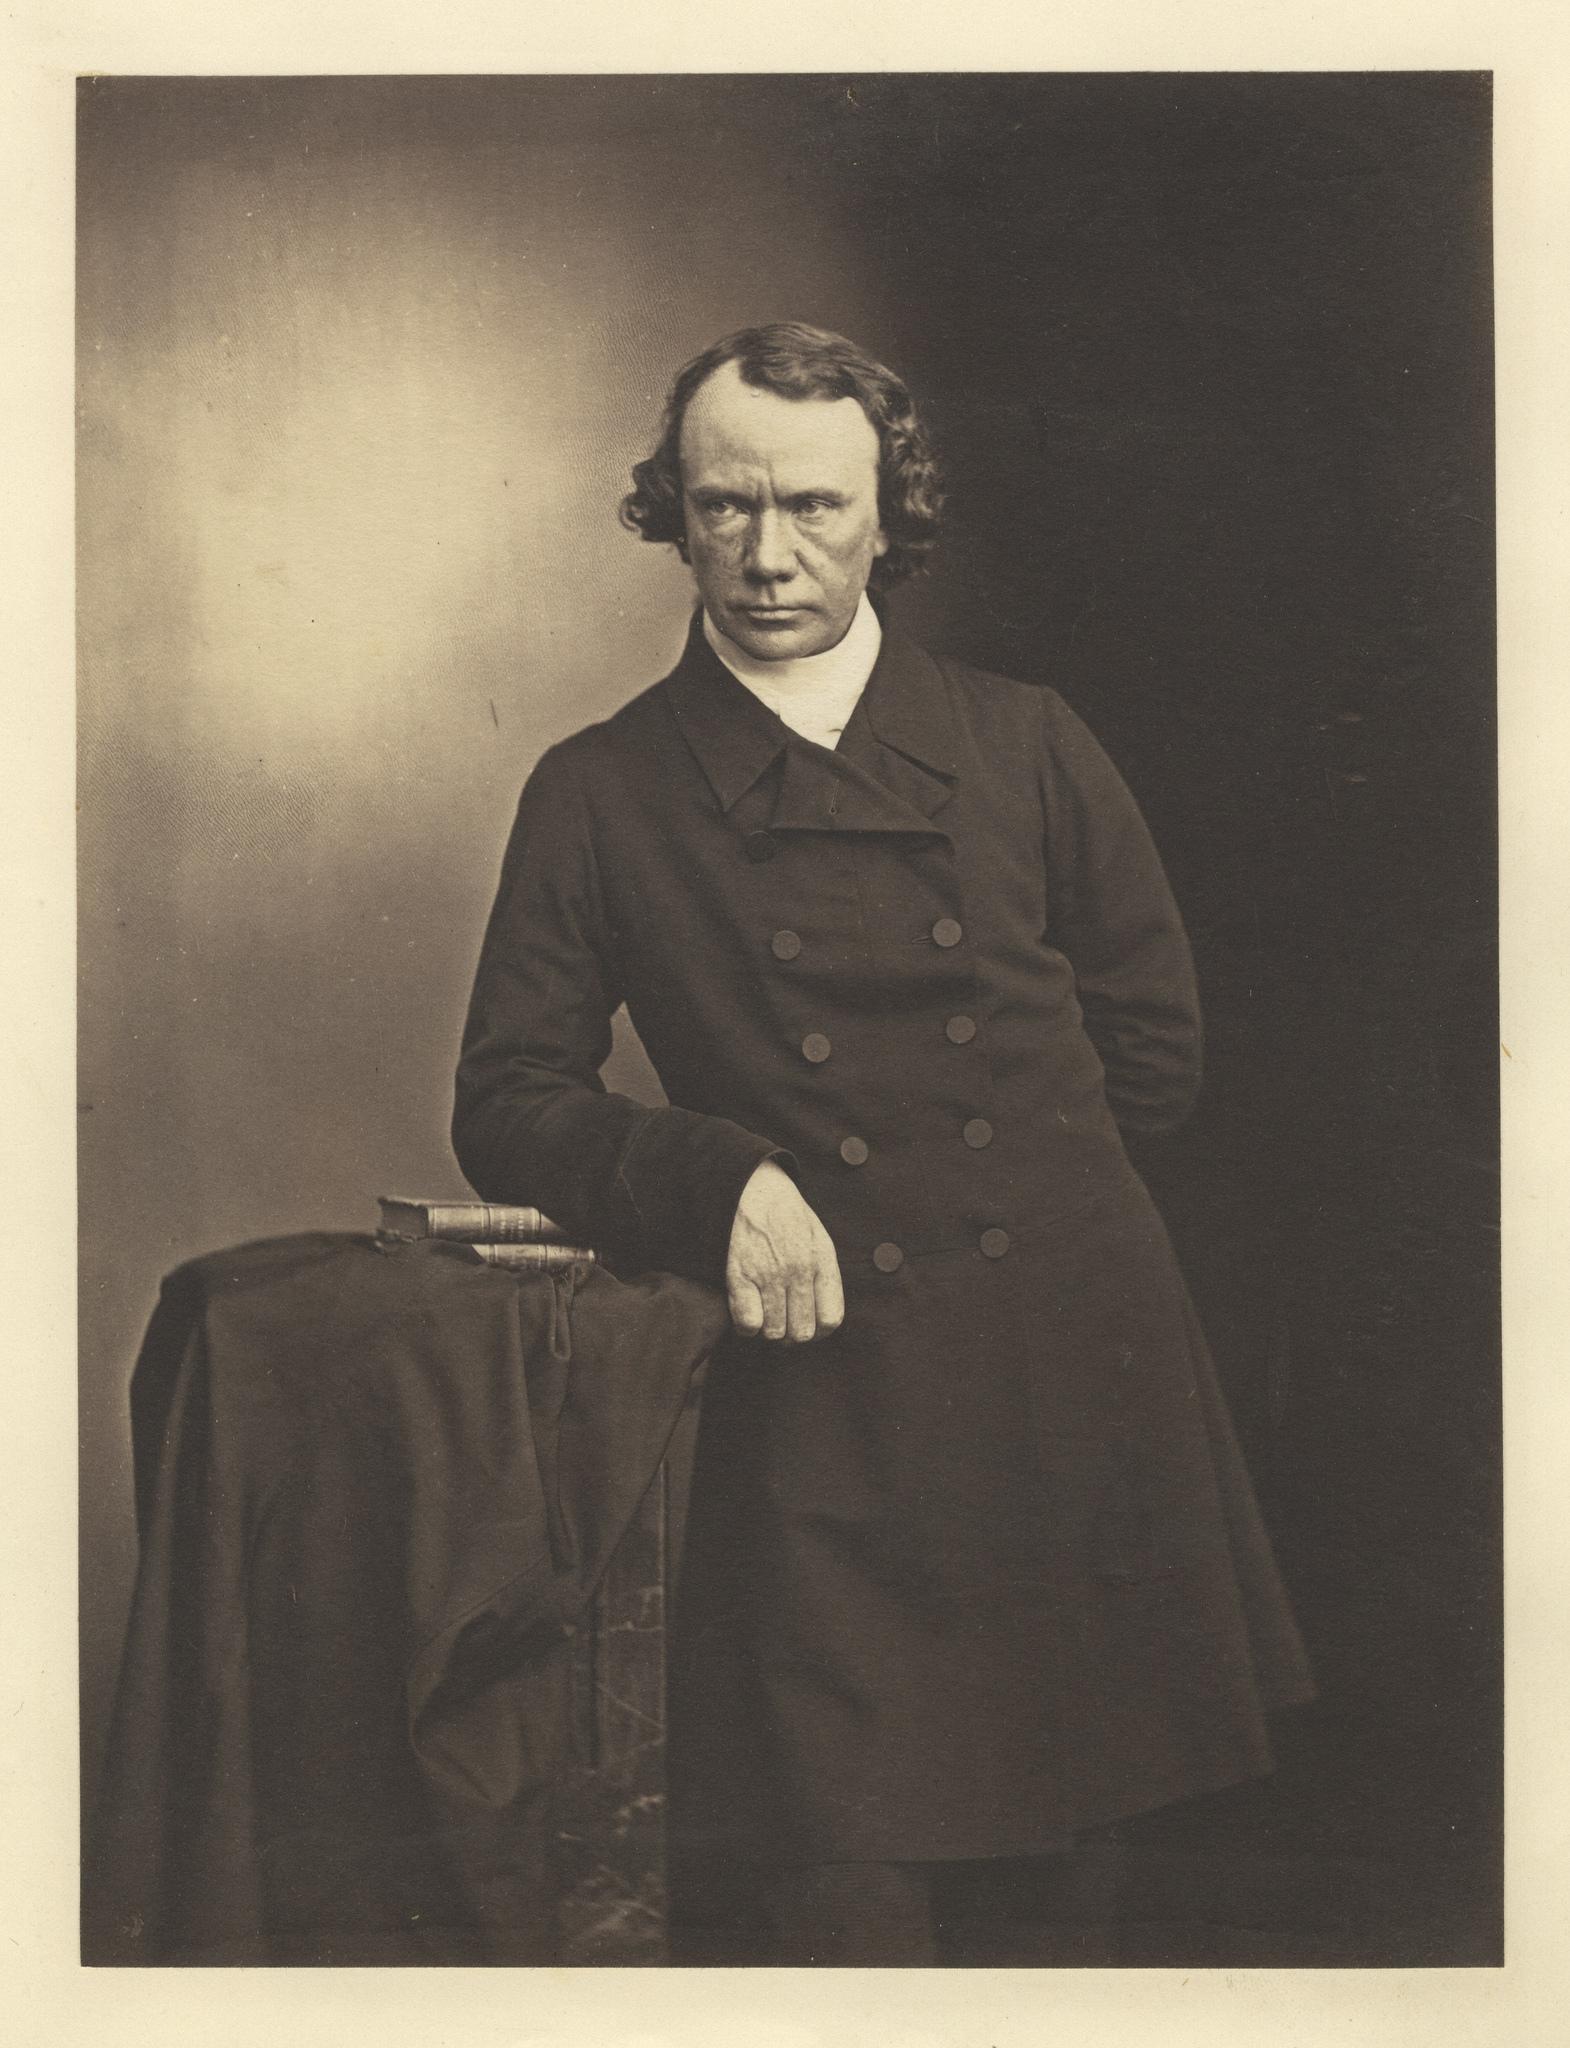 1857. Джон Парк (1804-1865), министр и поэт, сын Джона Парка, виноторговца